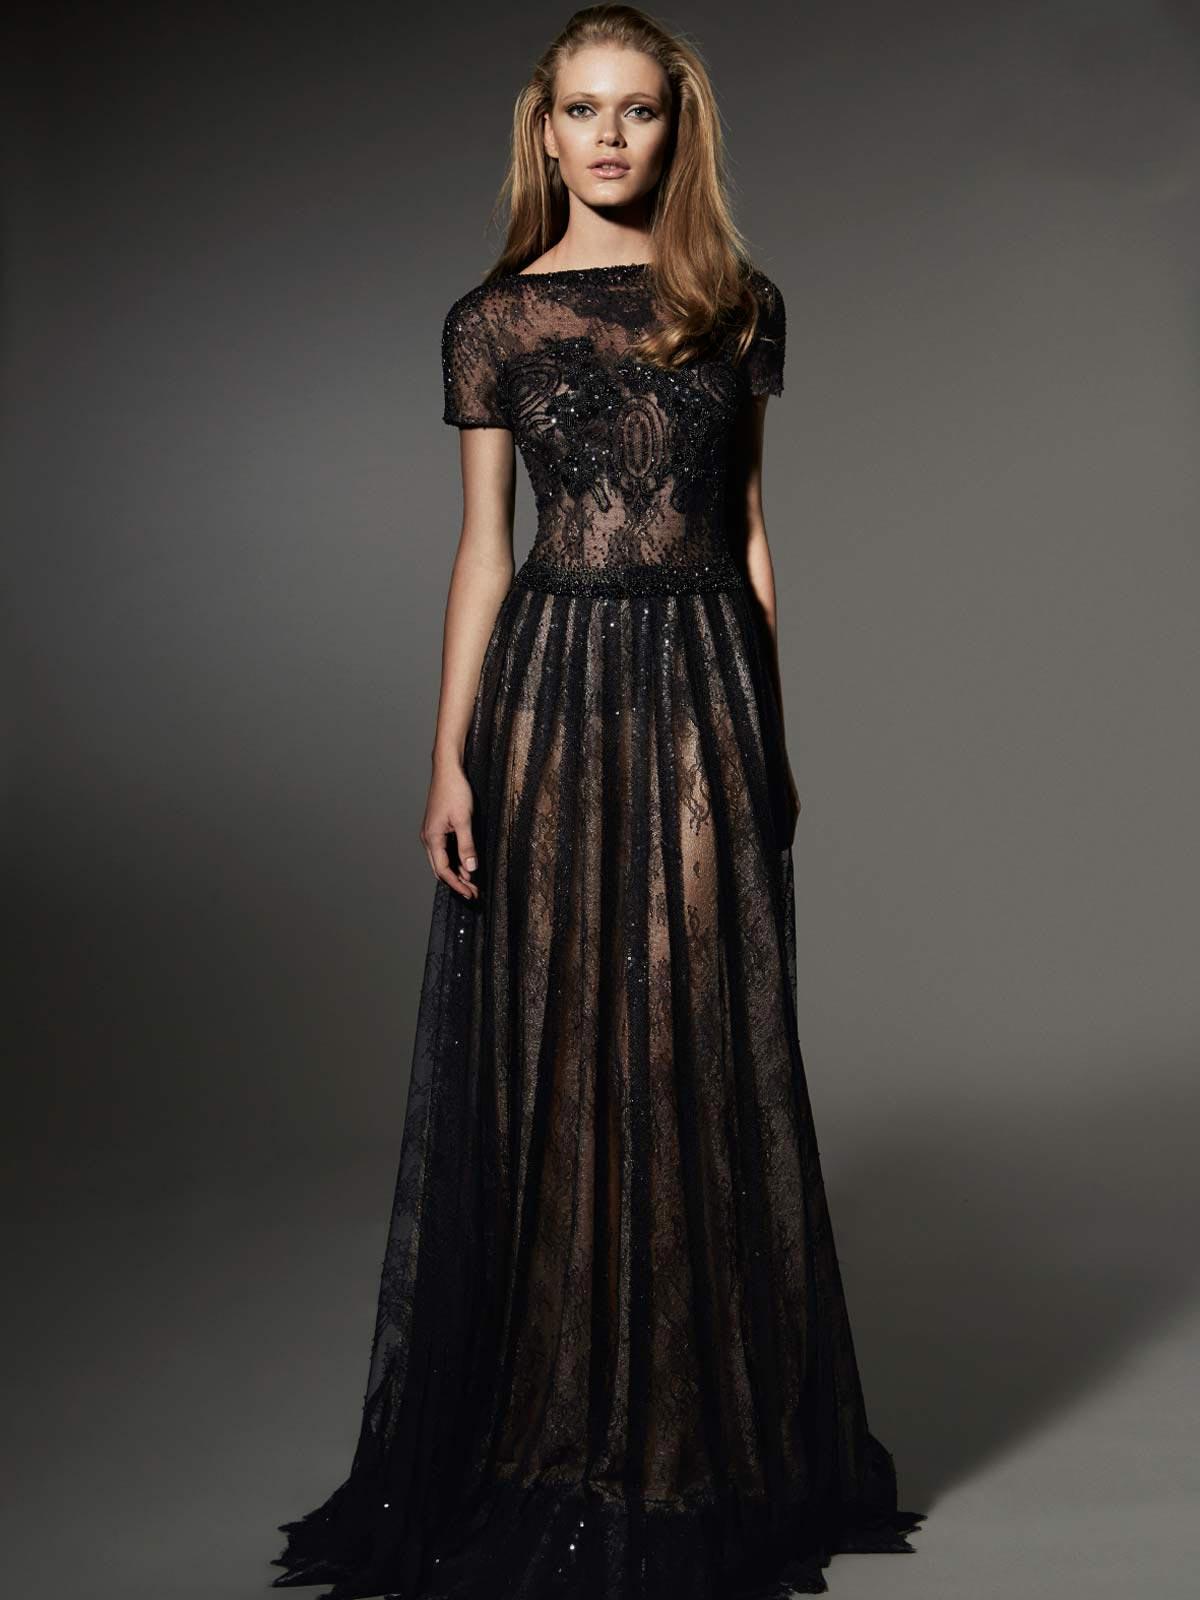 Los accesorios para vestidos negros de noche son muy importantes al igual que para un vestido de fiesta de día. Todas las mujeres necesitan de un vestido negro de noche como una ropa básica dentro de su ropero, ya que en la hora menos pensada puede llegar una invitación para que acudan a un evento de noche.